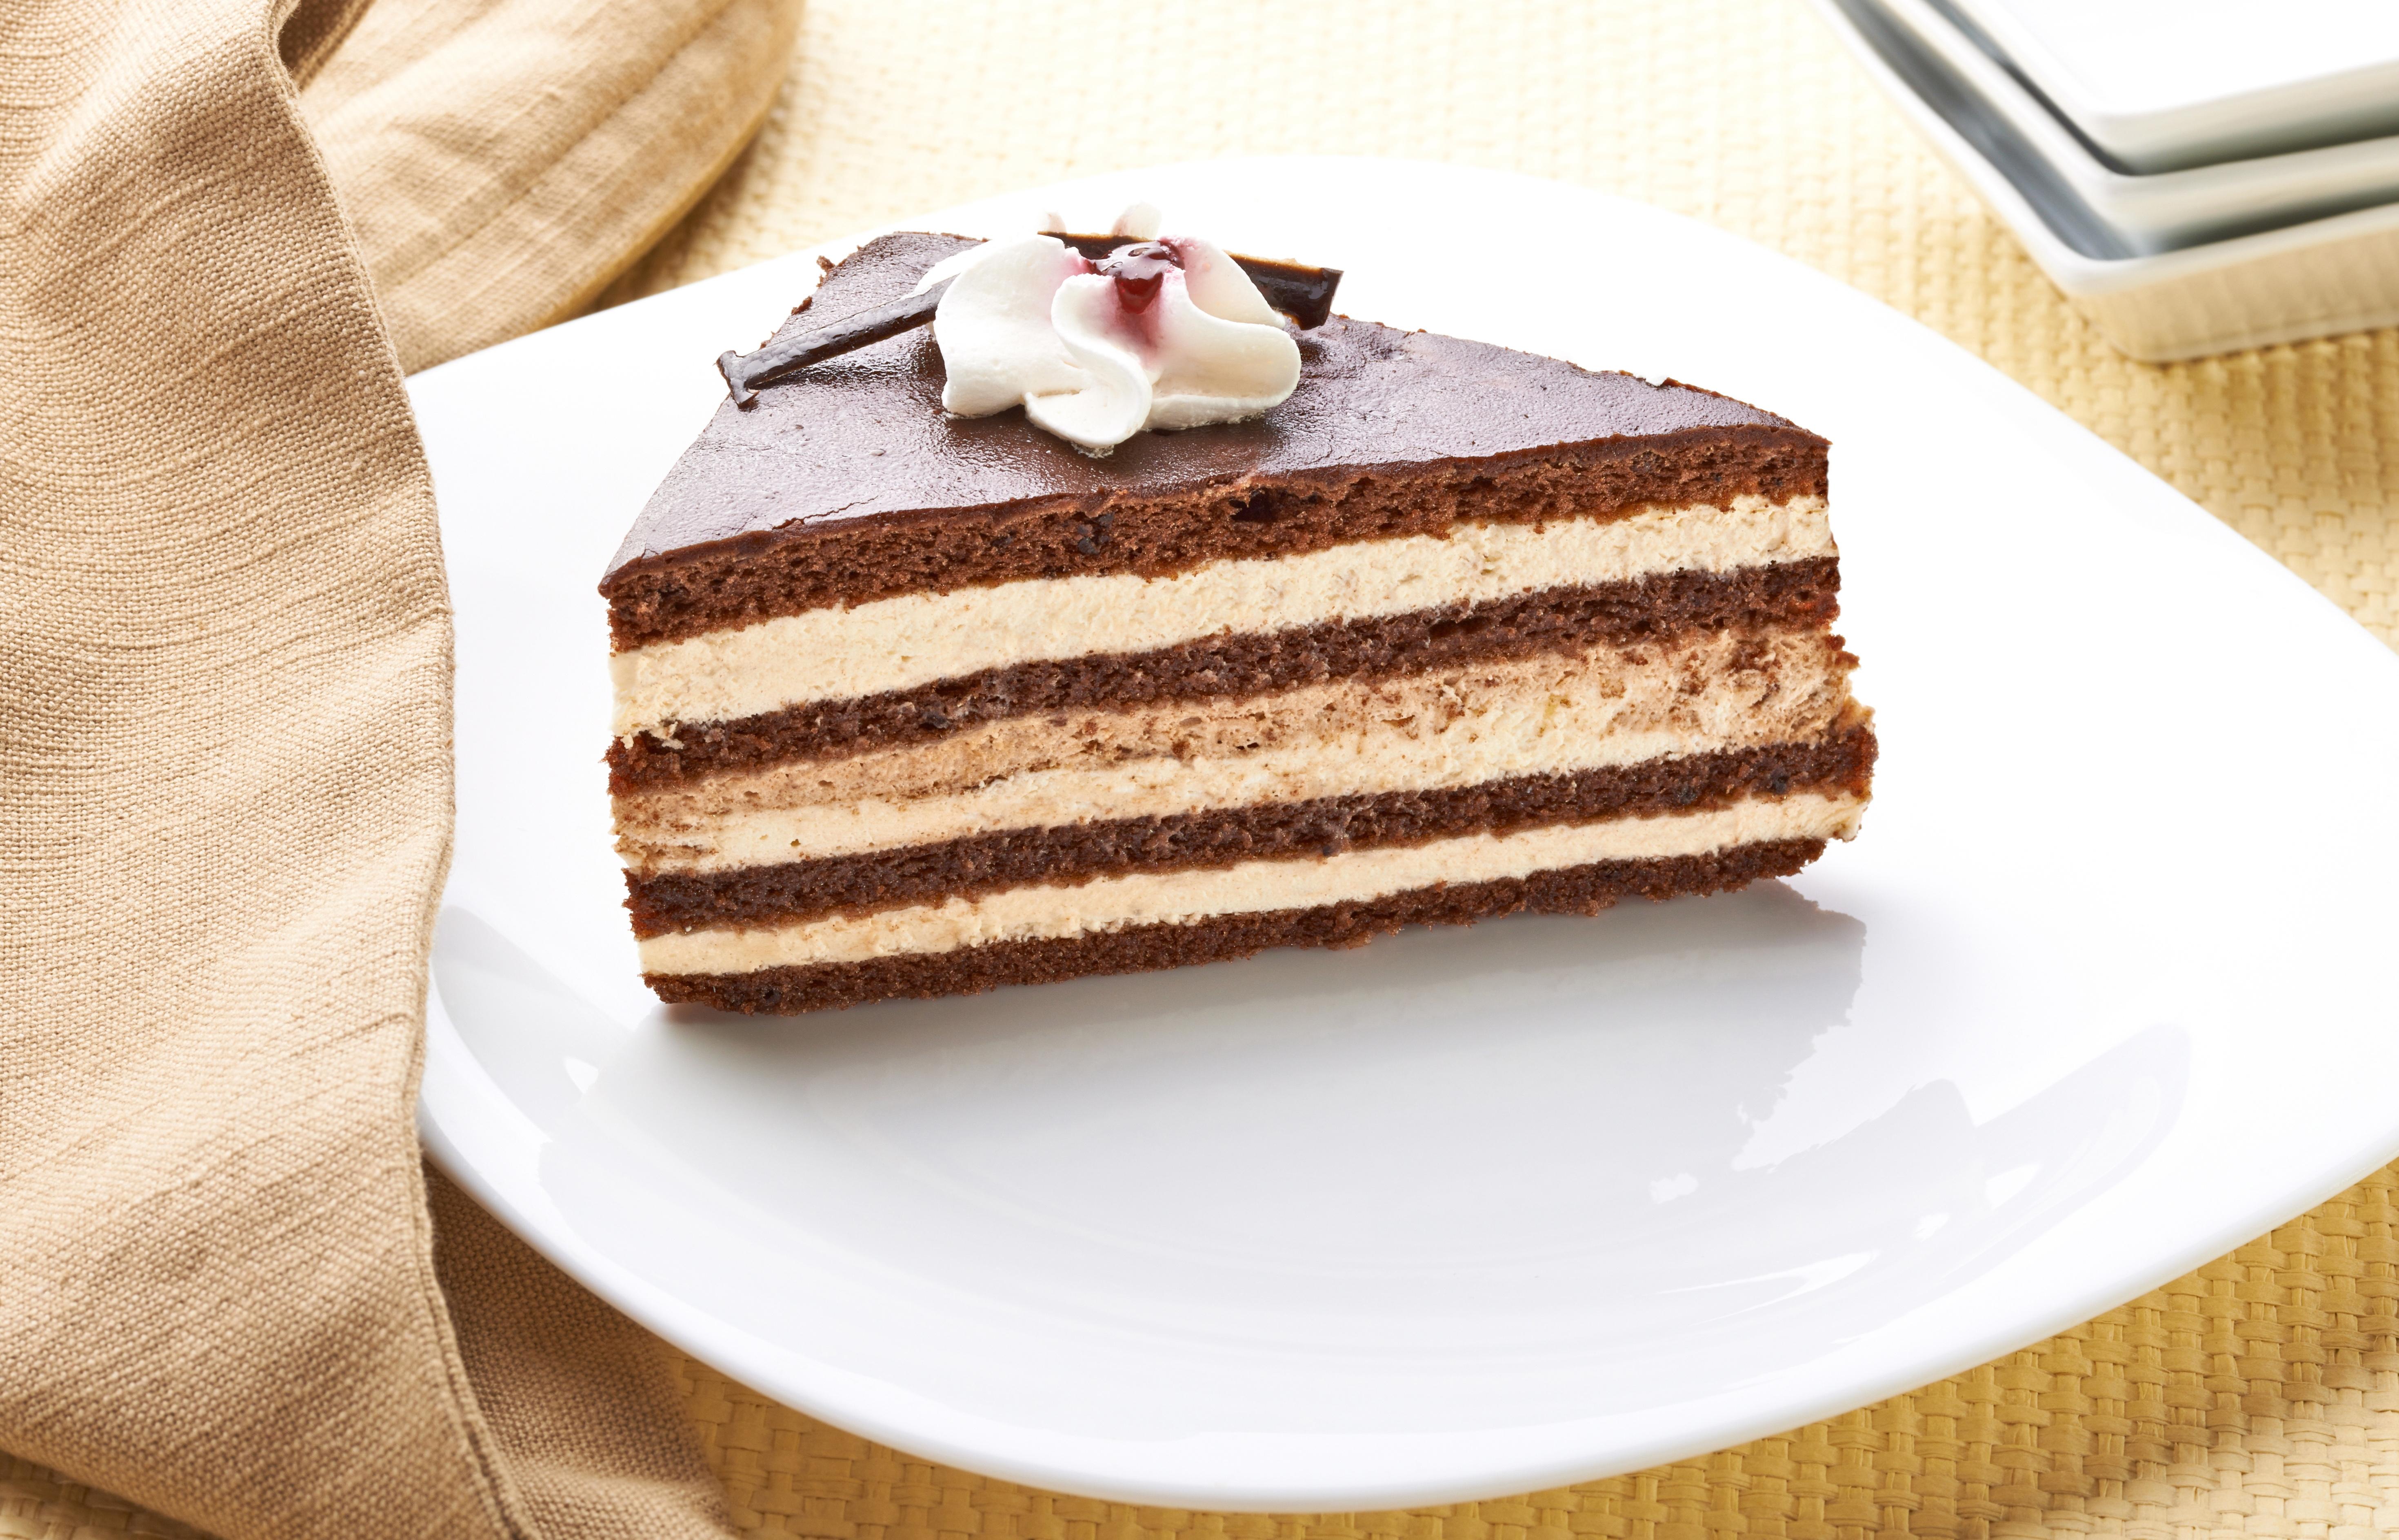 Кусок торта со свечей  № 2184011 загрузить